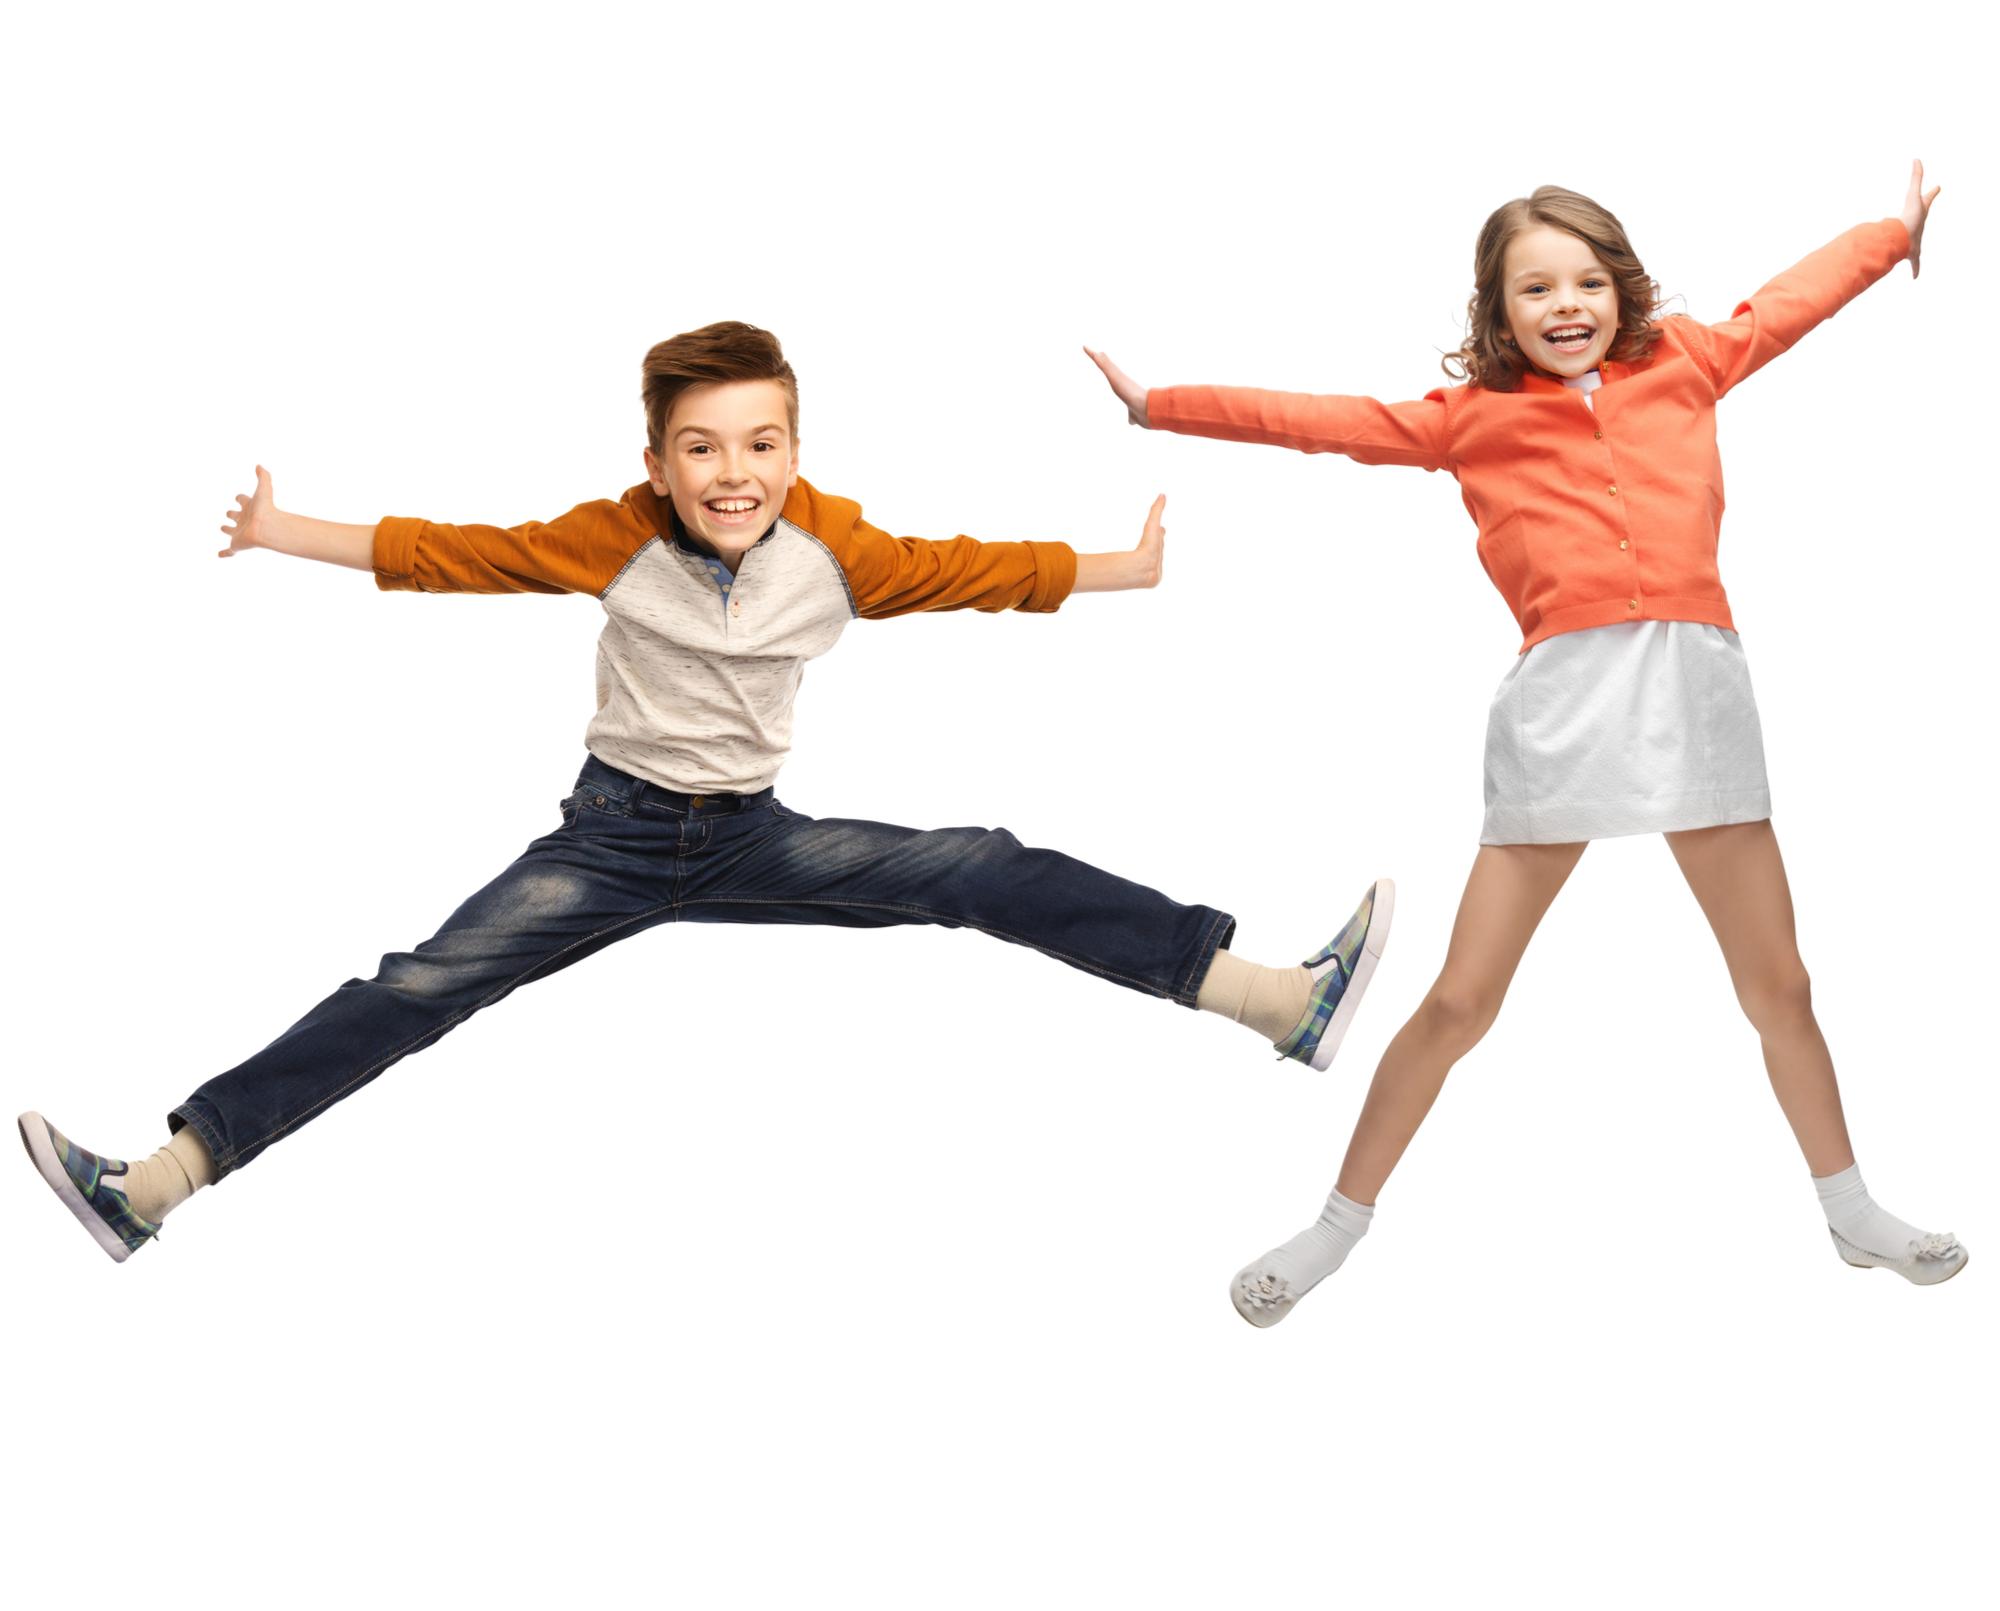 Feliz - infância - crianças - liberdade - movimento - pessoas - humano